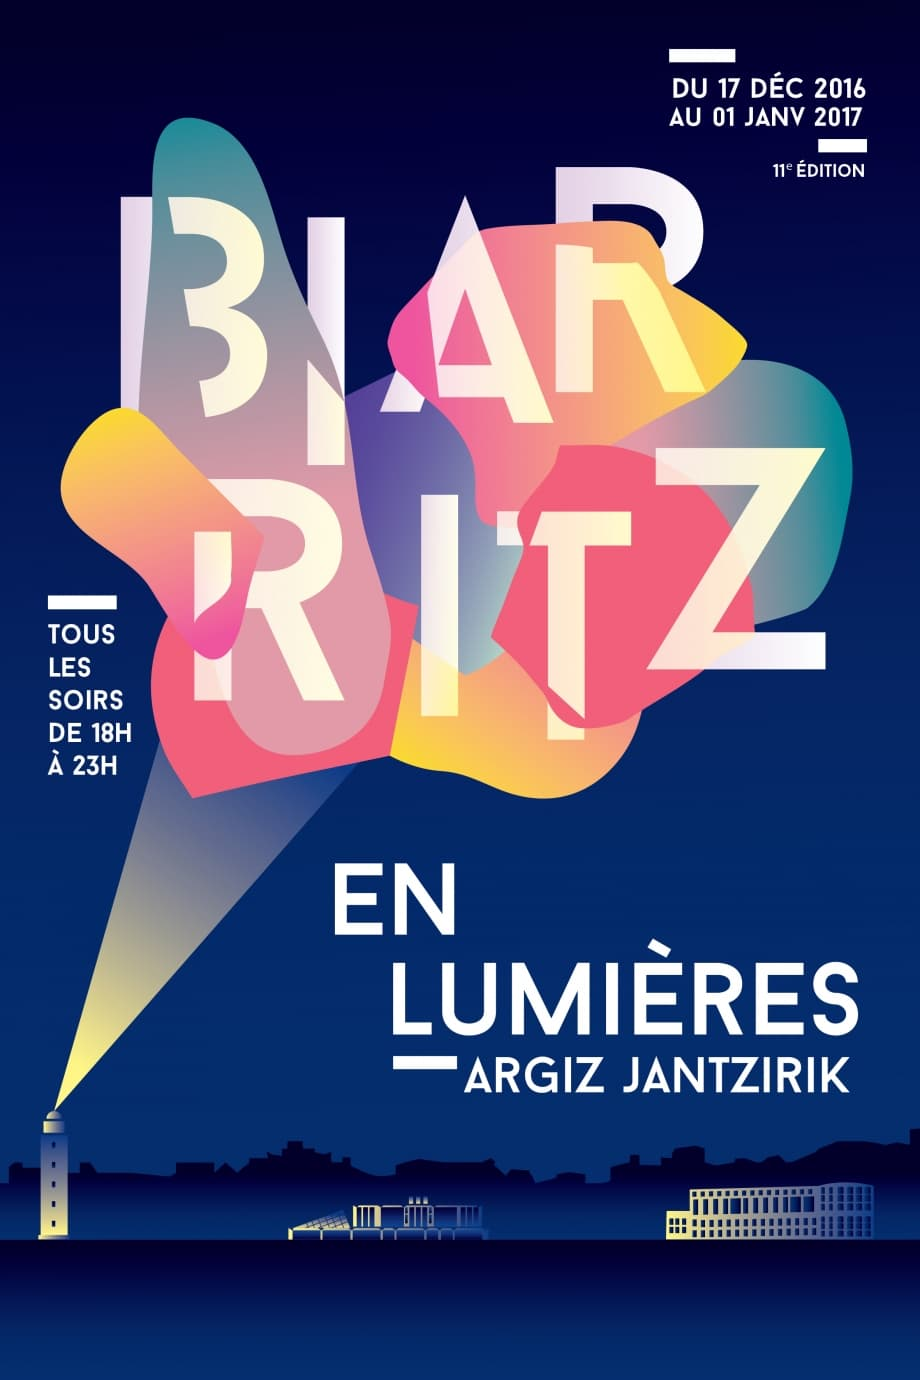 affiche-biarritz-en-lumieres-2016